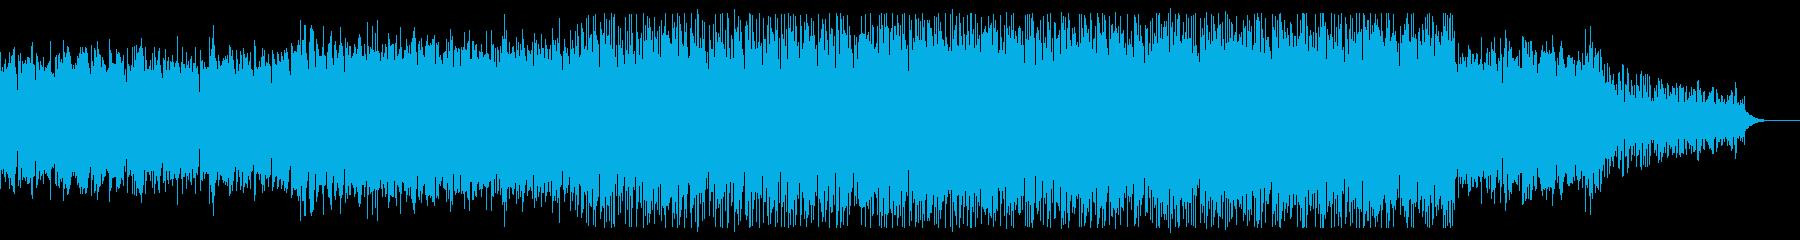 少しダークで幻想的な曲の再生済みの波形